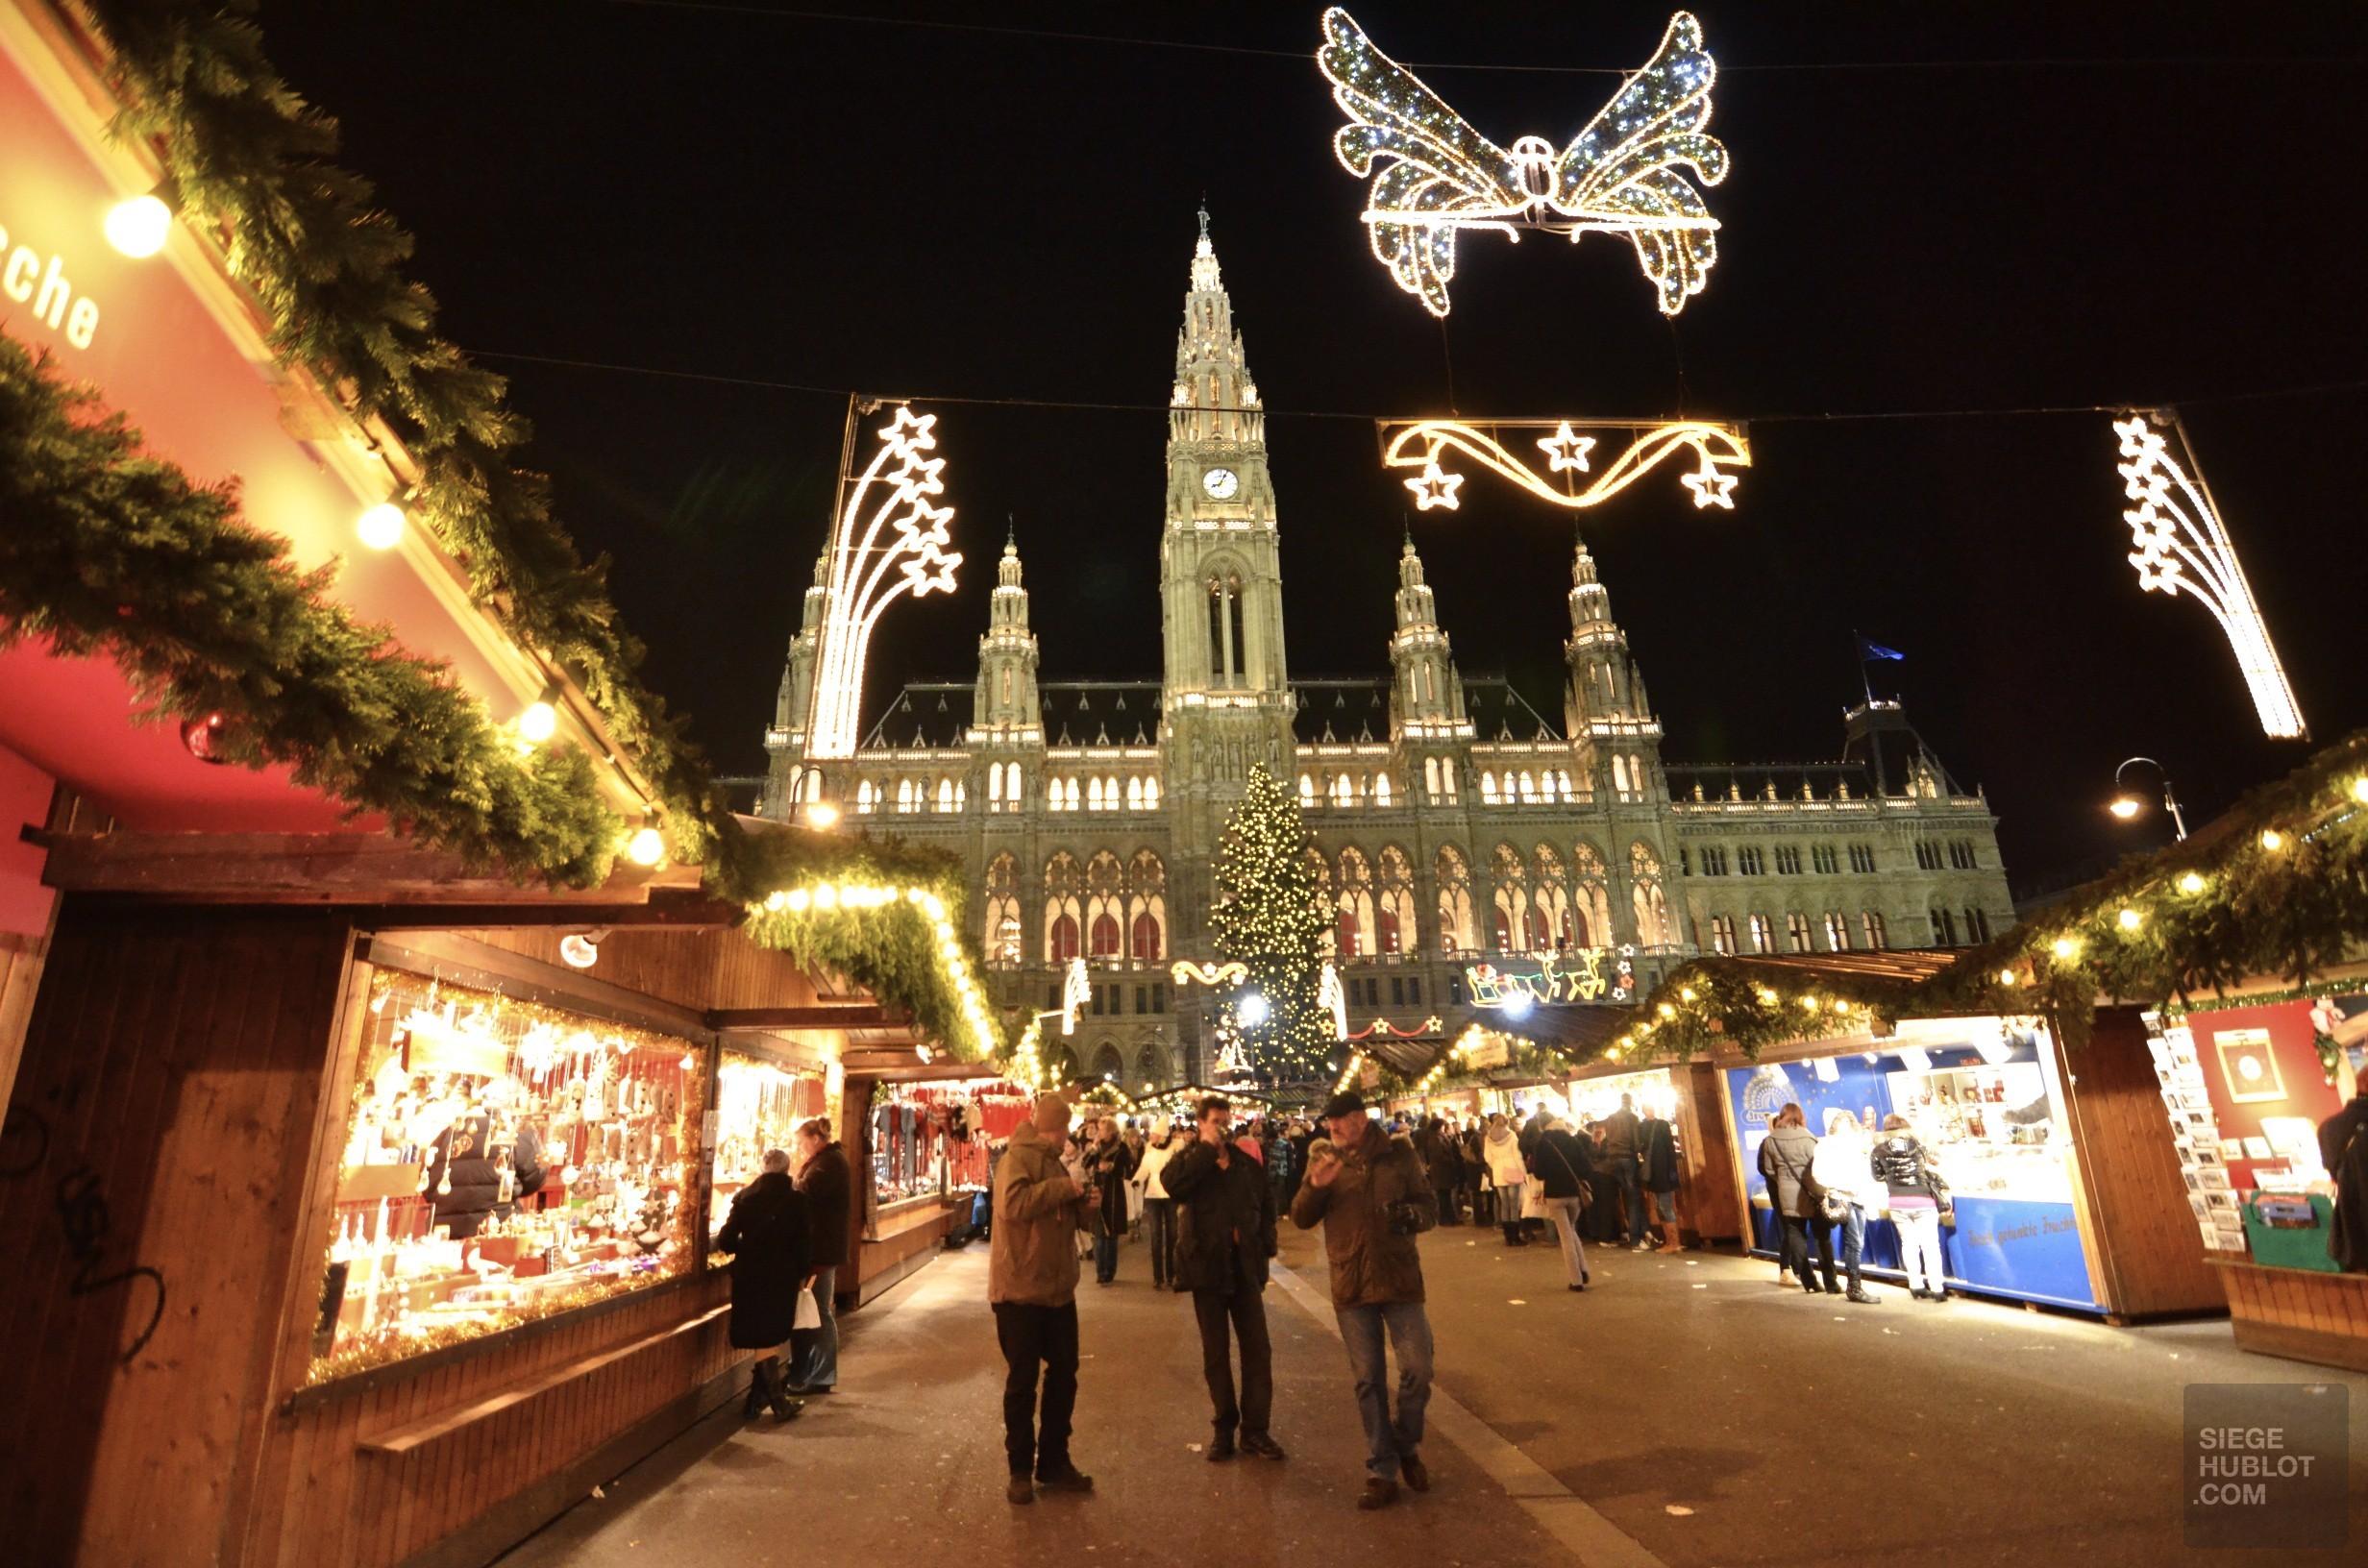 Marchés de Noël en Europe - slovaquie, republique-tcheque, europe, entete-de-categorie, autriche, a-faire